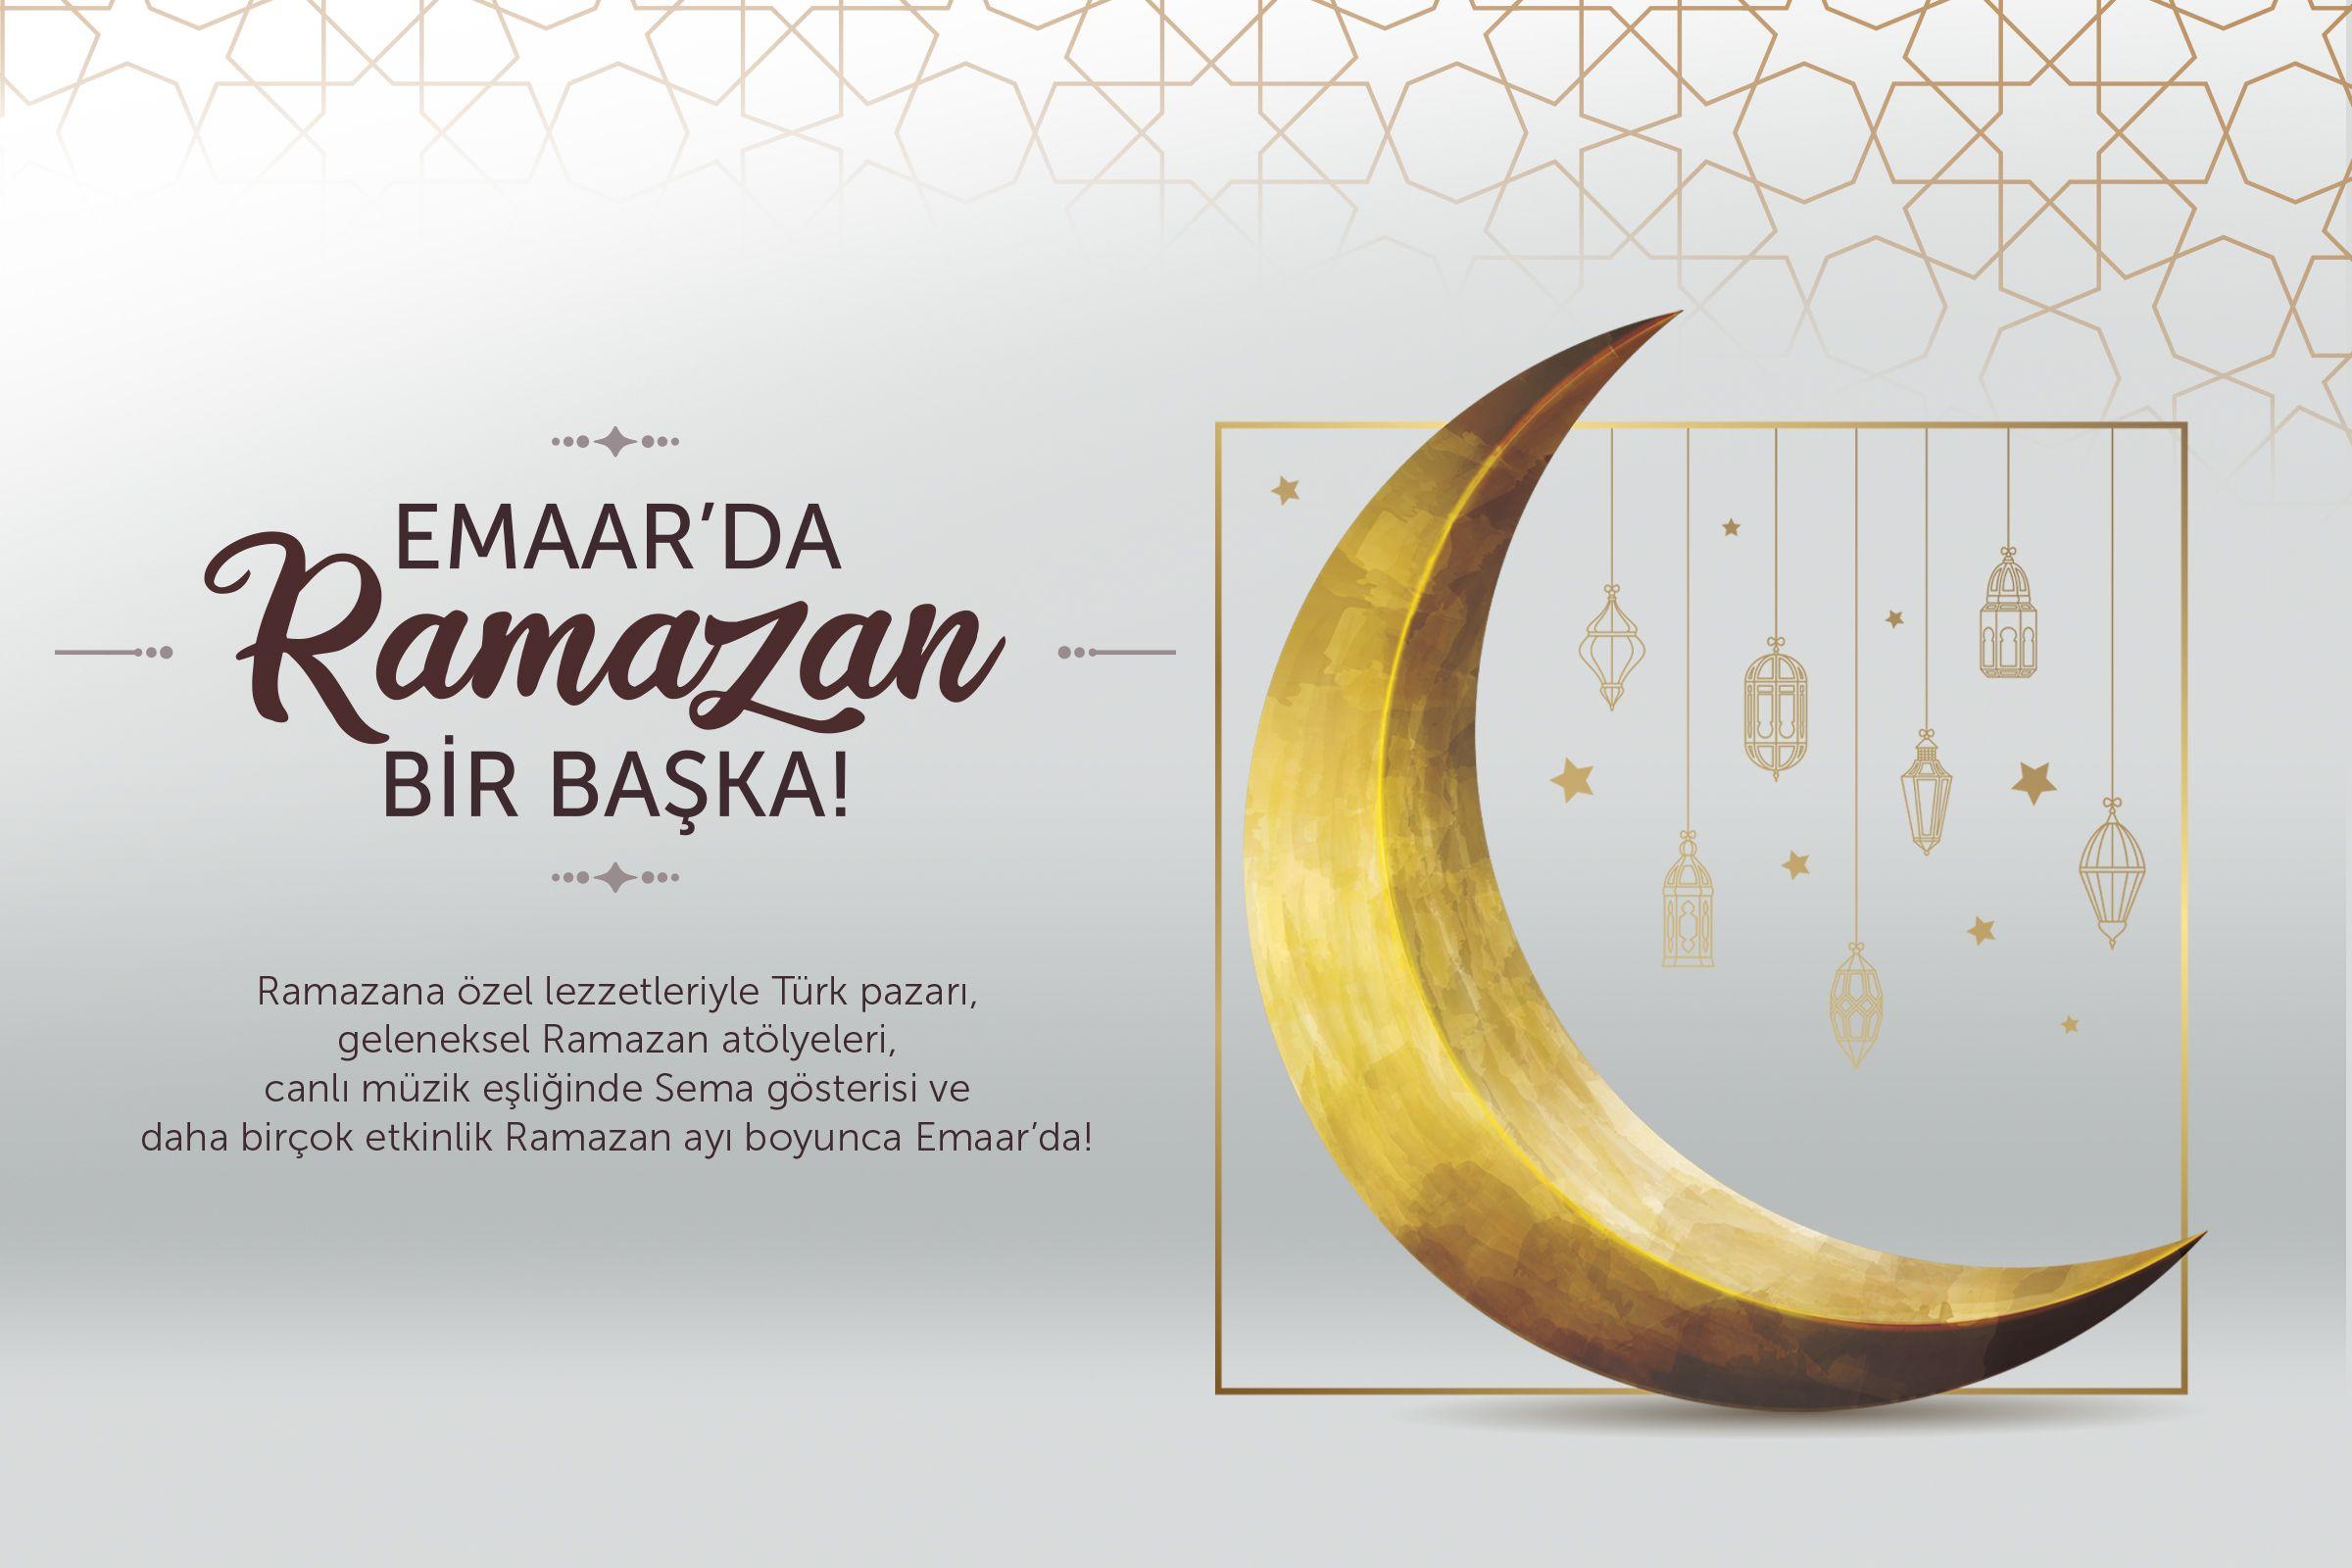 Ramazana özel Türk lezzetleri, geleneksel ramazan atölyeleri, canlı müzik eşliğinde Sema gösterileri ve masal dinletileriyle bu ramazanda da Emaar'da bir başka...